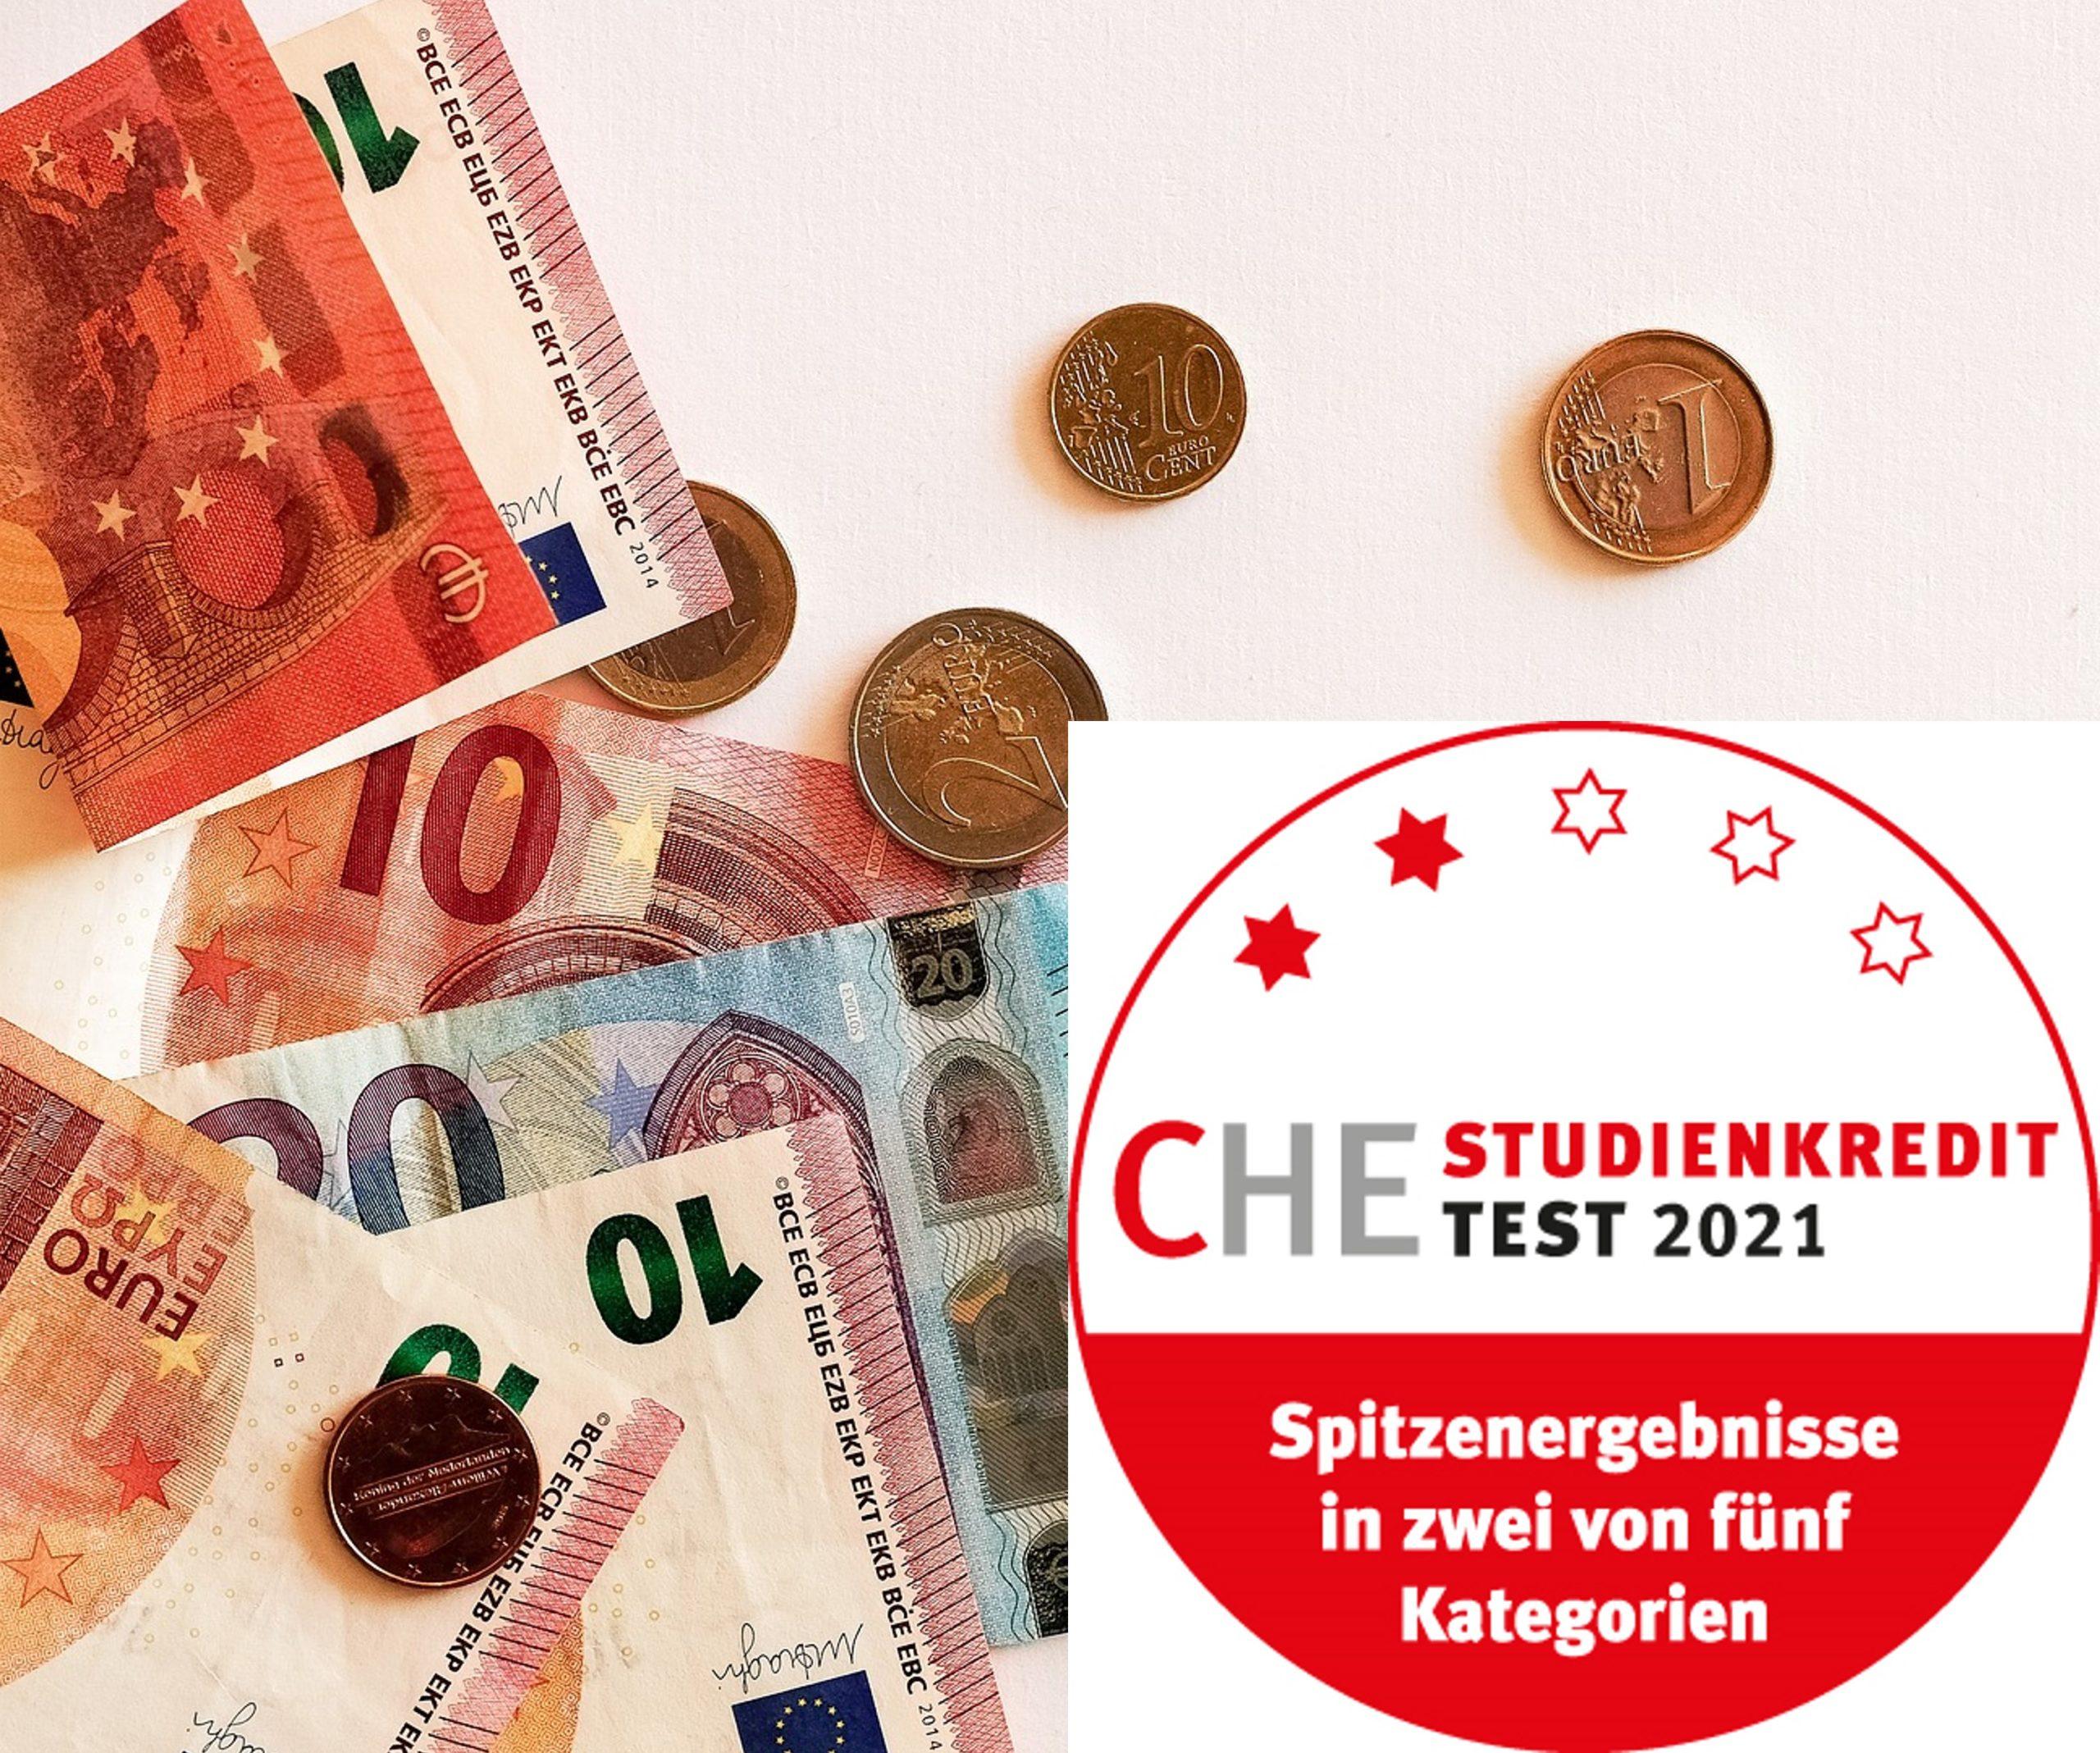 Jeder dritte Studienkredit 2020 wurde von ausländischen Studierenden abgeschlossen